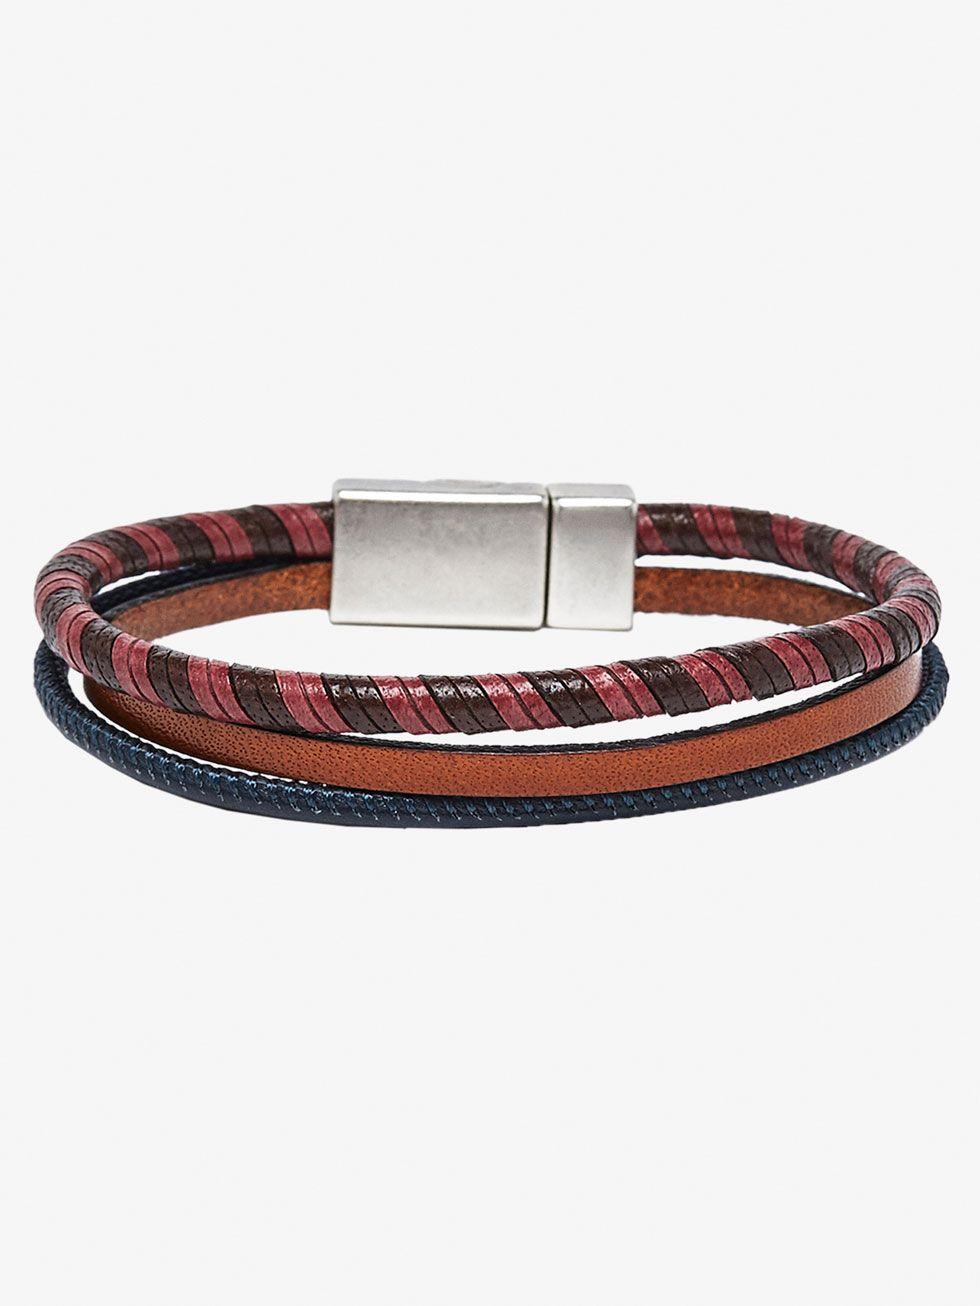 4ddda6c57eda6 Bracelets - Accessories - MEN - Massimo Dutti   lather br ...